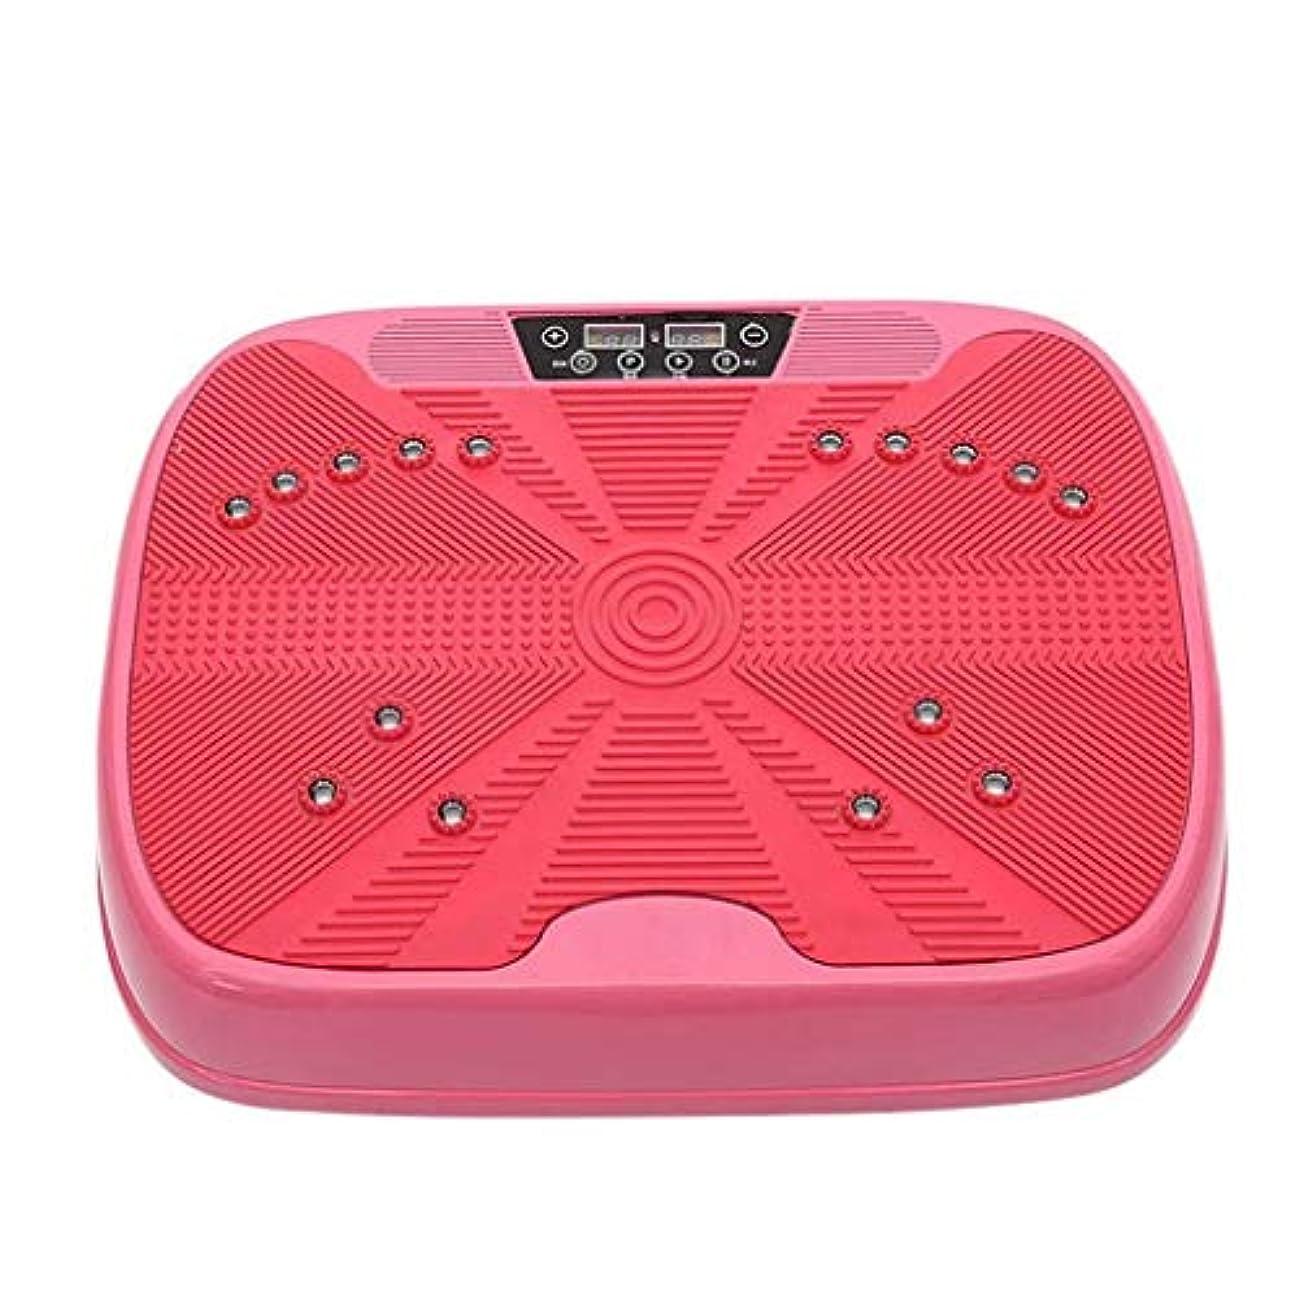 匹敵します国家しなやか減量機、ジム/ホームフィットネス振動パワーボード、多機能モードモーション振動トレーナー、99レベルのスピードジム減量(最大負荷120KG) (Color : ピンク)